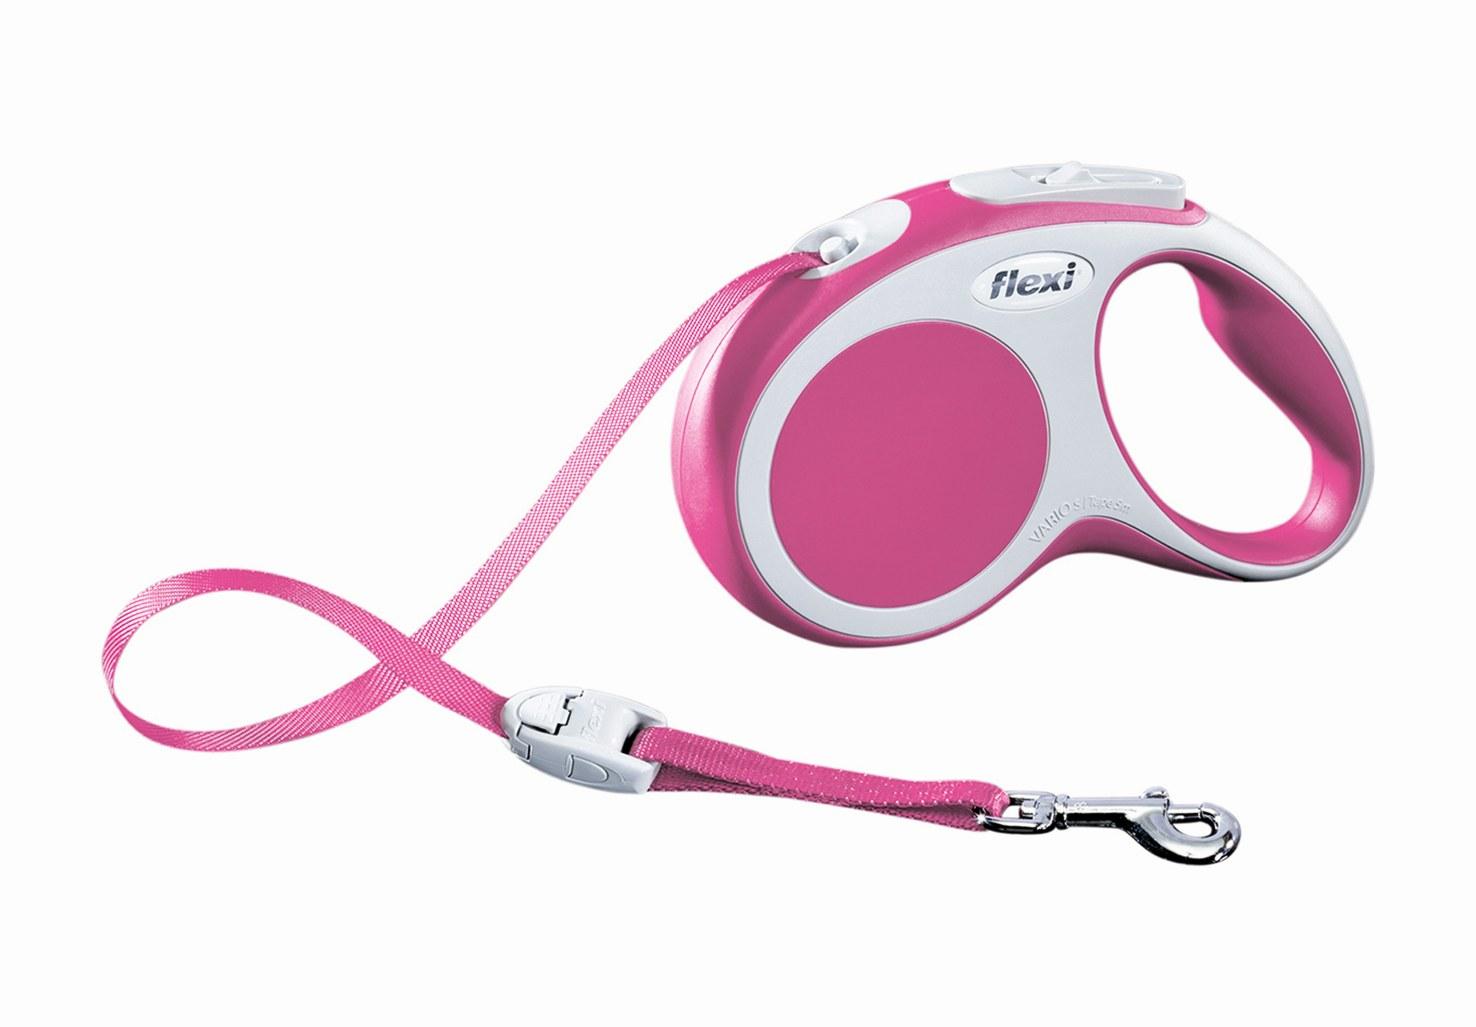 Поводок-рулетка Flexi Vario Compact S для собак до 15 кг, цвет: розовый, 5 м019955Поводок-рулетка Flexi Vario Compact S изготовлен из пластика и нейлона. Ленточный поводок обеспечивает каждой собаке свободу движения, что идет на пользу здоровью и радует вашего четвероногого друга. Рулетка очень проста в использовании, оснащена кнопками кратковременной и постоянной фиксации. Ее можно оснастить - мультибоксом для лакомств или пакетиков для сбора фекалий, LED подсветкой корпуса, своркой или ремнем с LED подсветкой. Поводок имеет прочный корпус, хромированную застежку и светоотражающие элементы.Длина поводка: 5 м. Максимальная нагрузка: 15 кг.Товар сертифицирован.